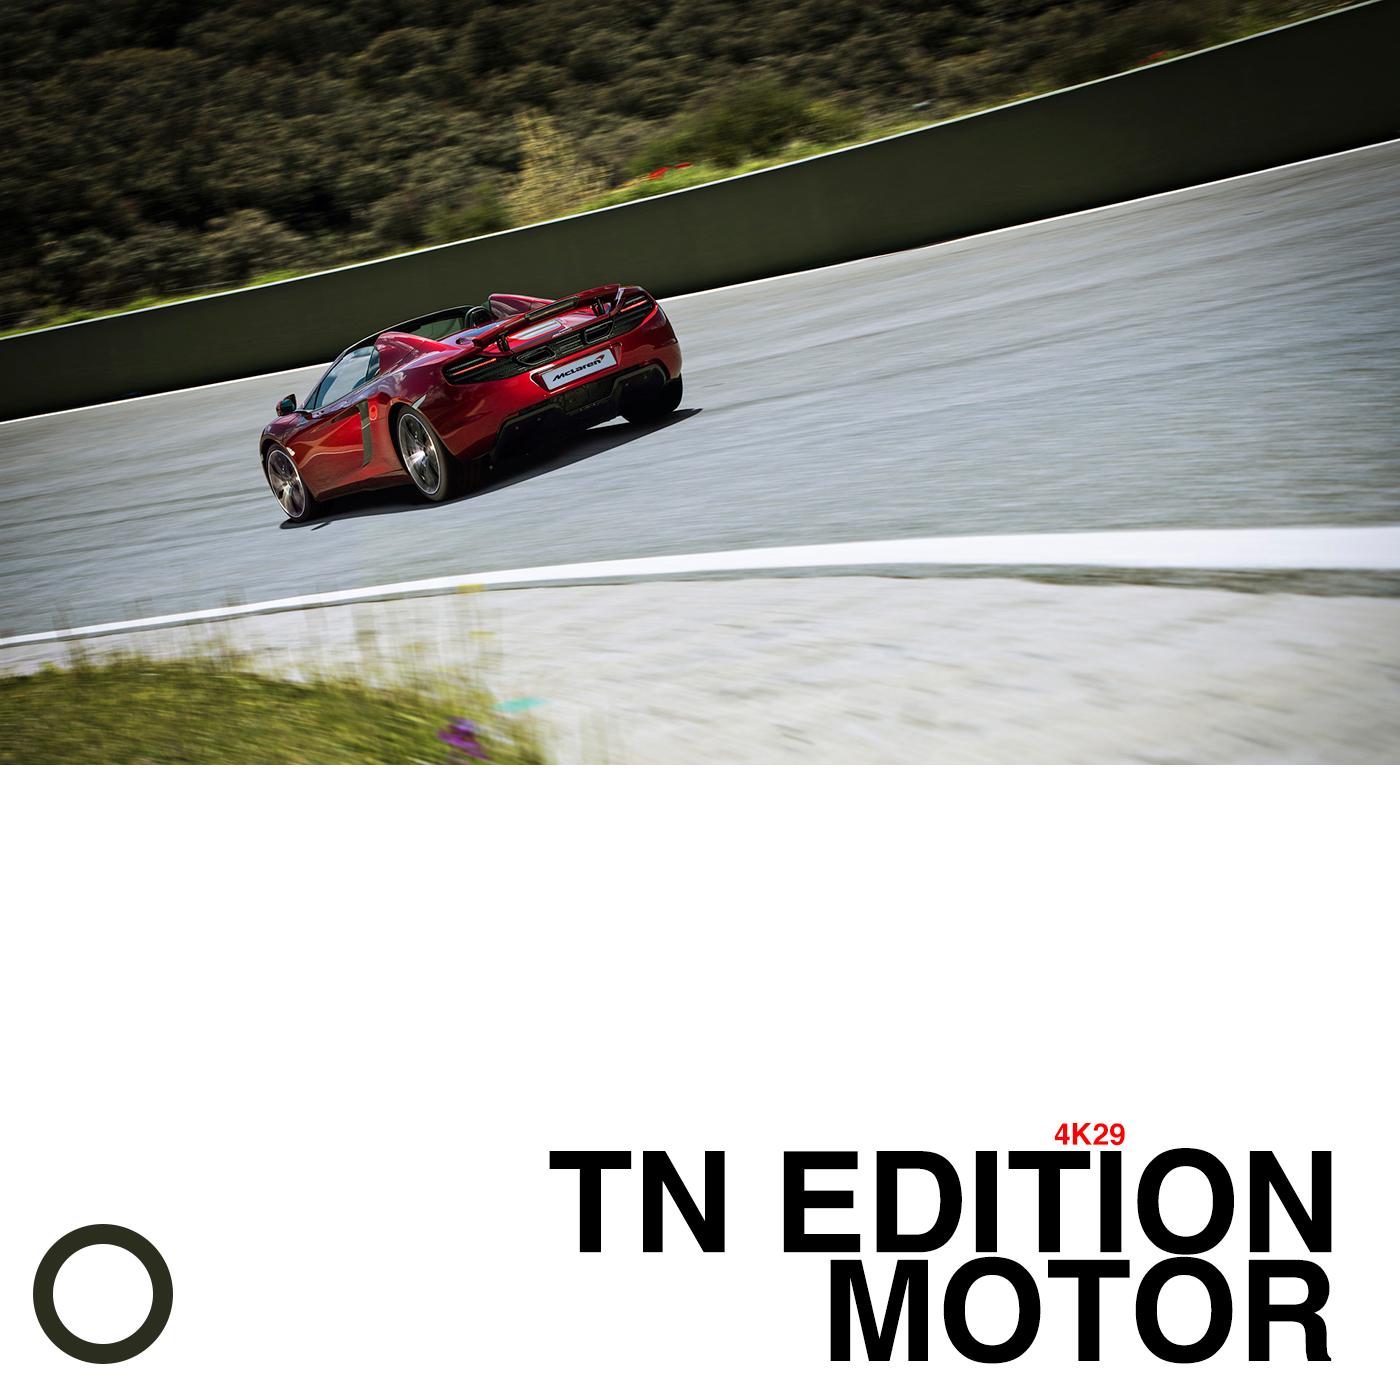 TN EDITION MOTOR 4K29